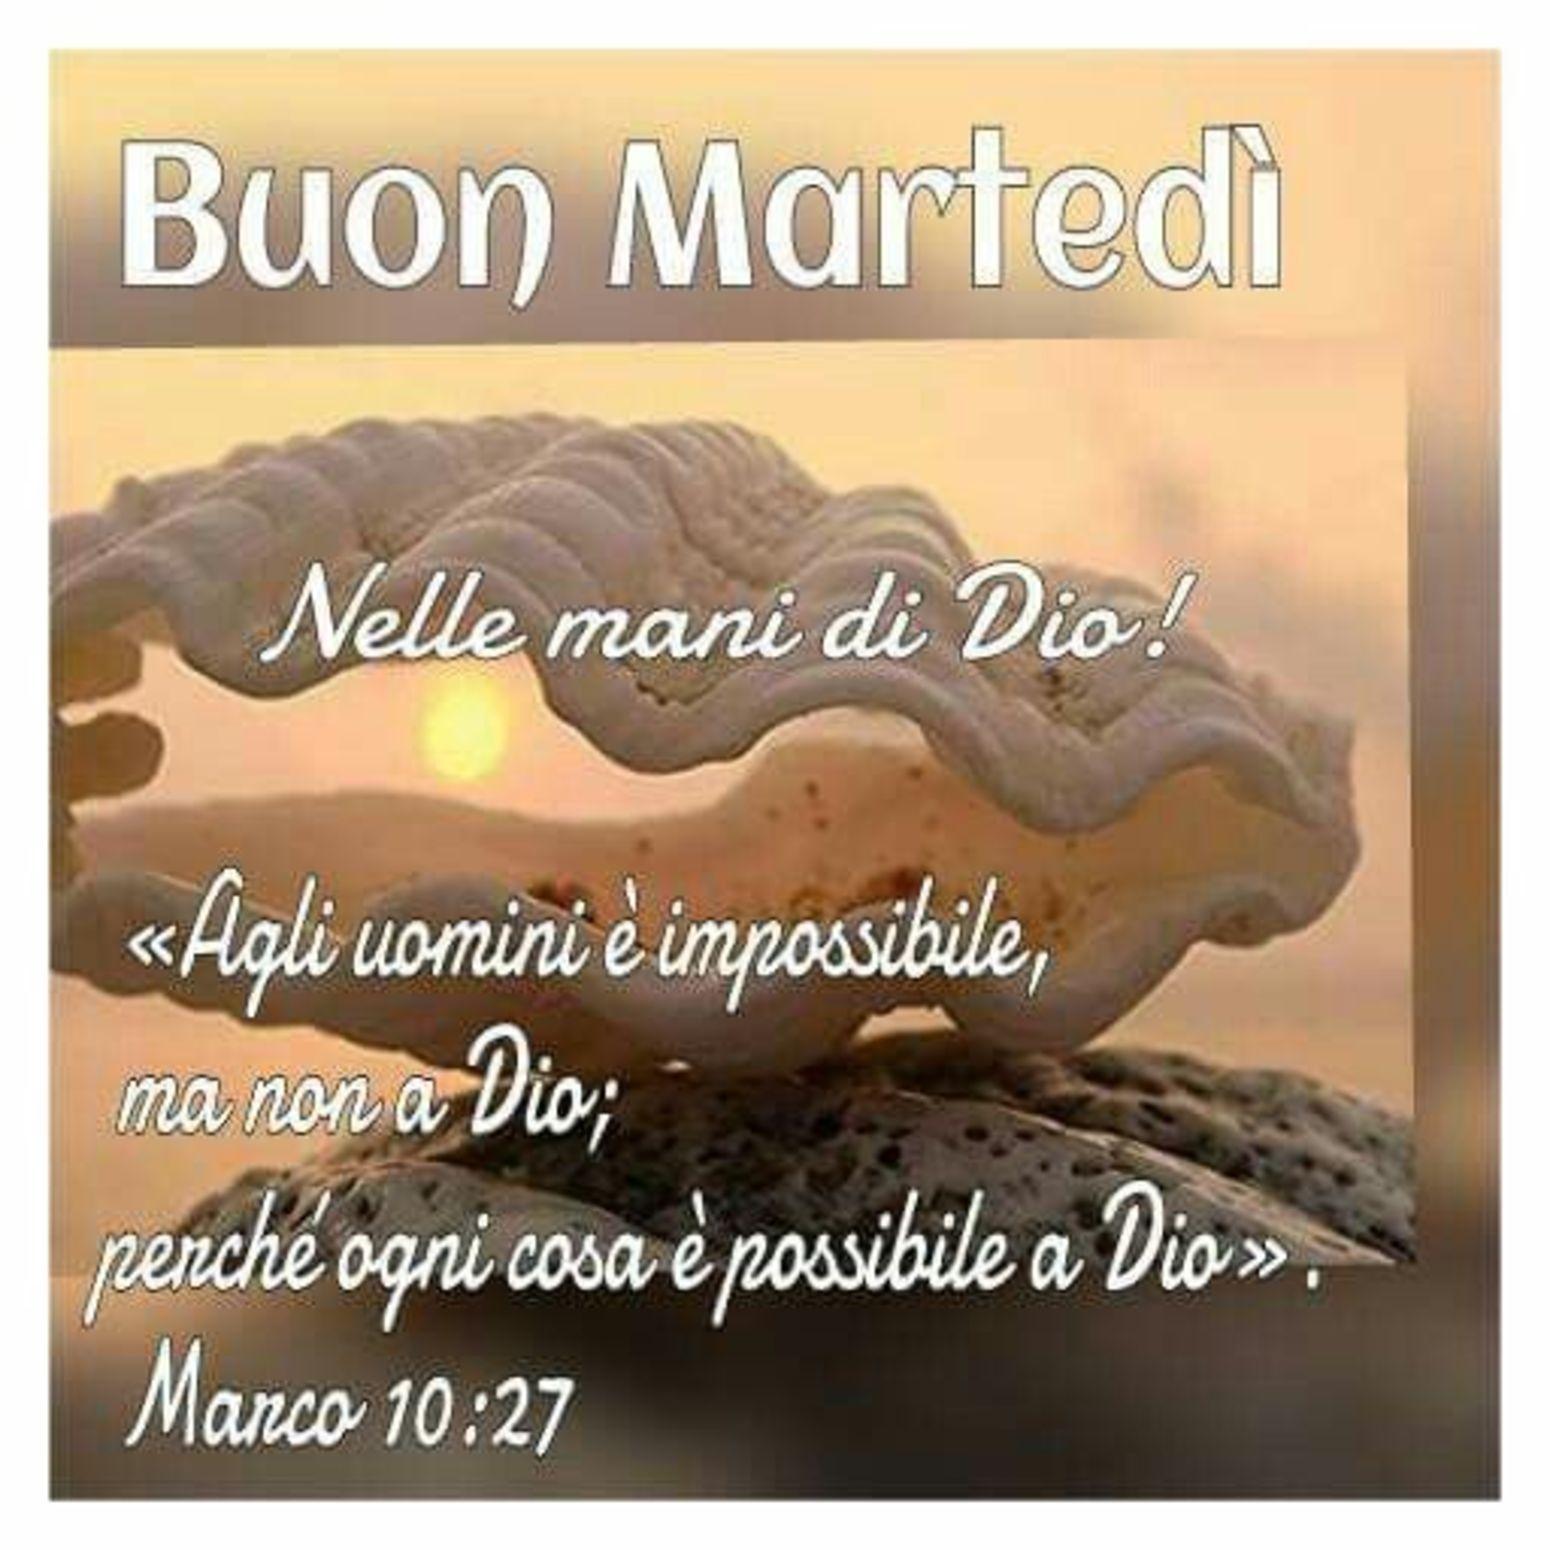 Buon Martedì immagini cristiane